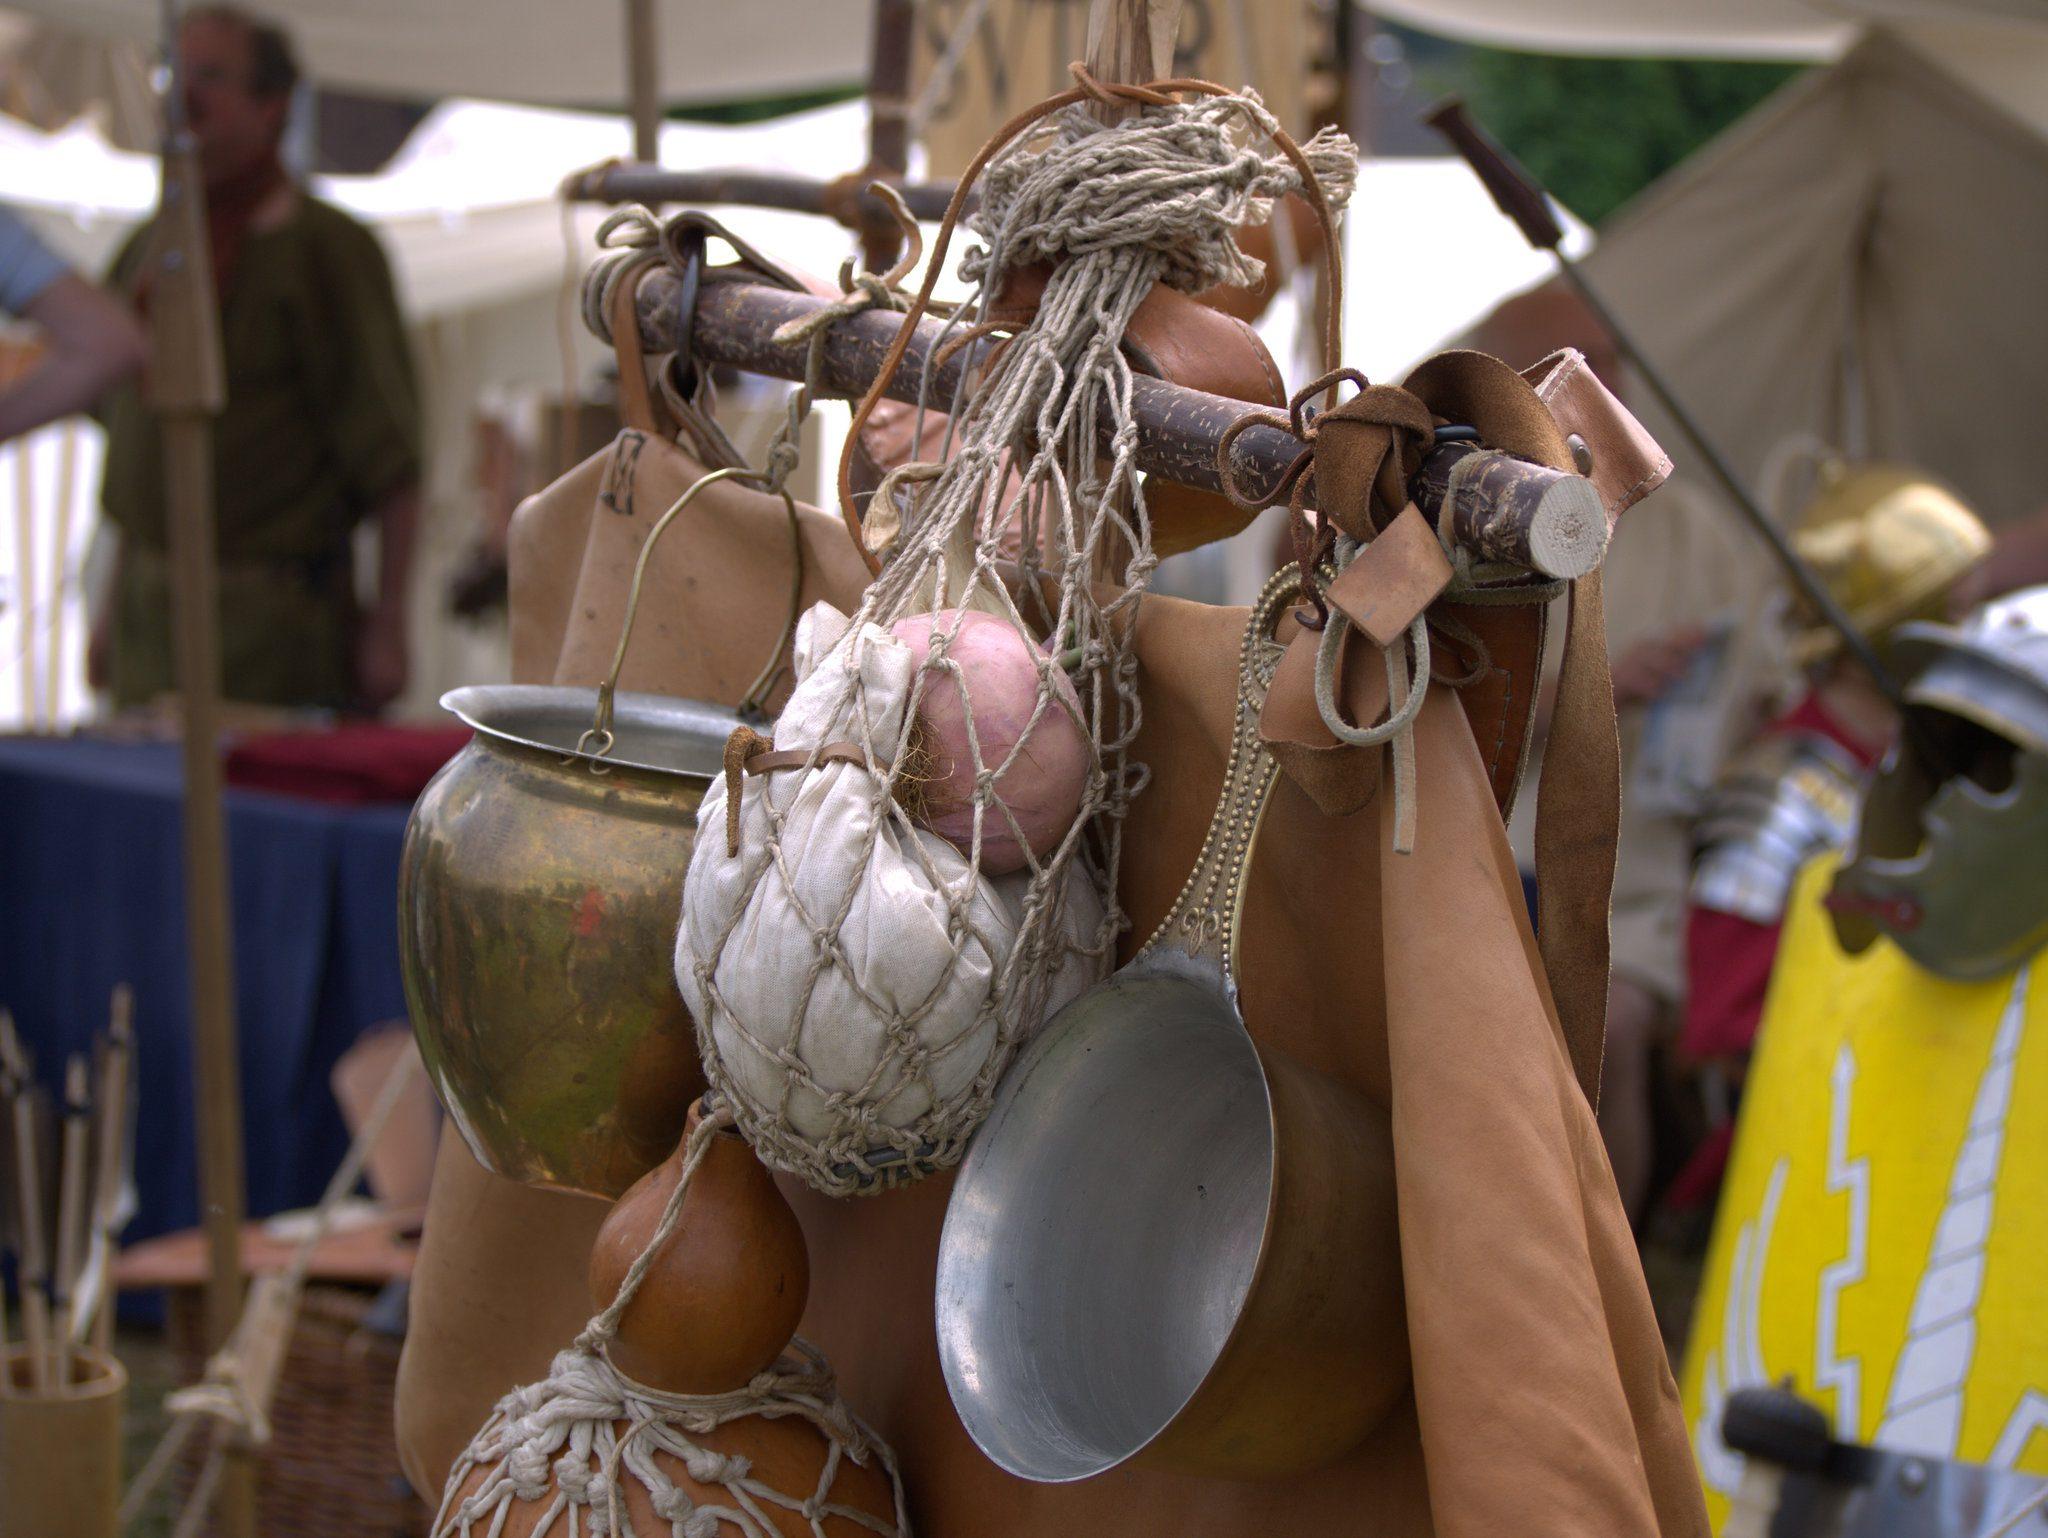 Teile des Marsch-Equipments von einem römischen Soldaten.